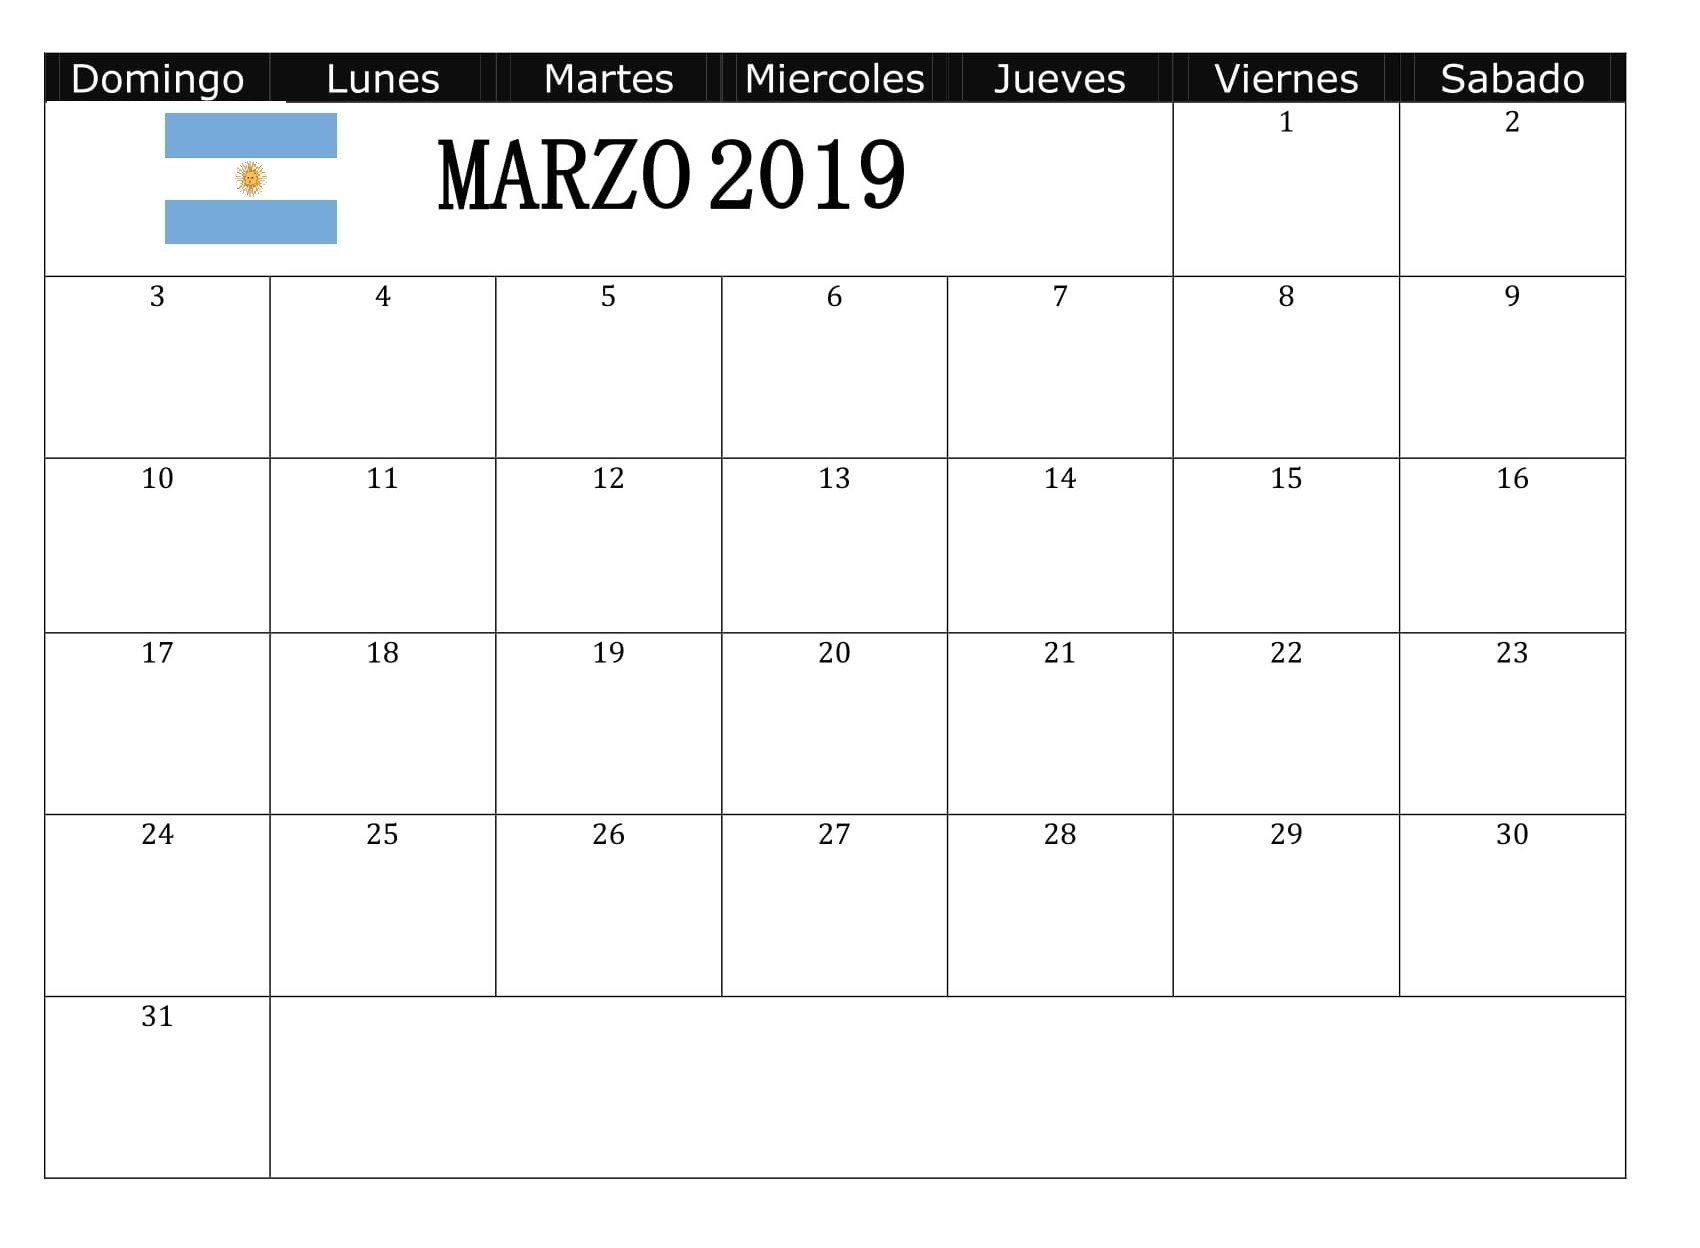 Calendario Sep Febrero 2018 Más Populares Calendario Marzo 2019 Argentina Of Calendario Sep Febrero 2018 Actual Ya Puedes organizar Tu 2018 Aqu Tienes 15 Plantillas Del